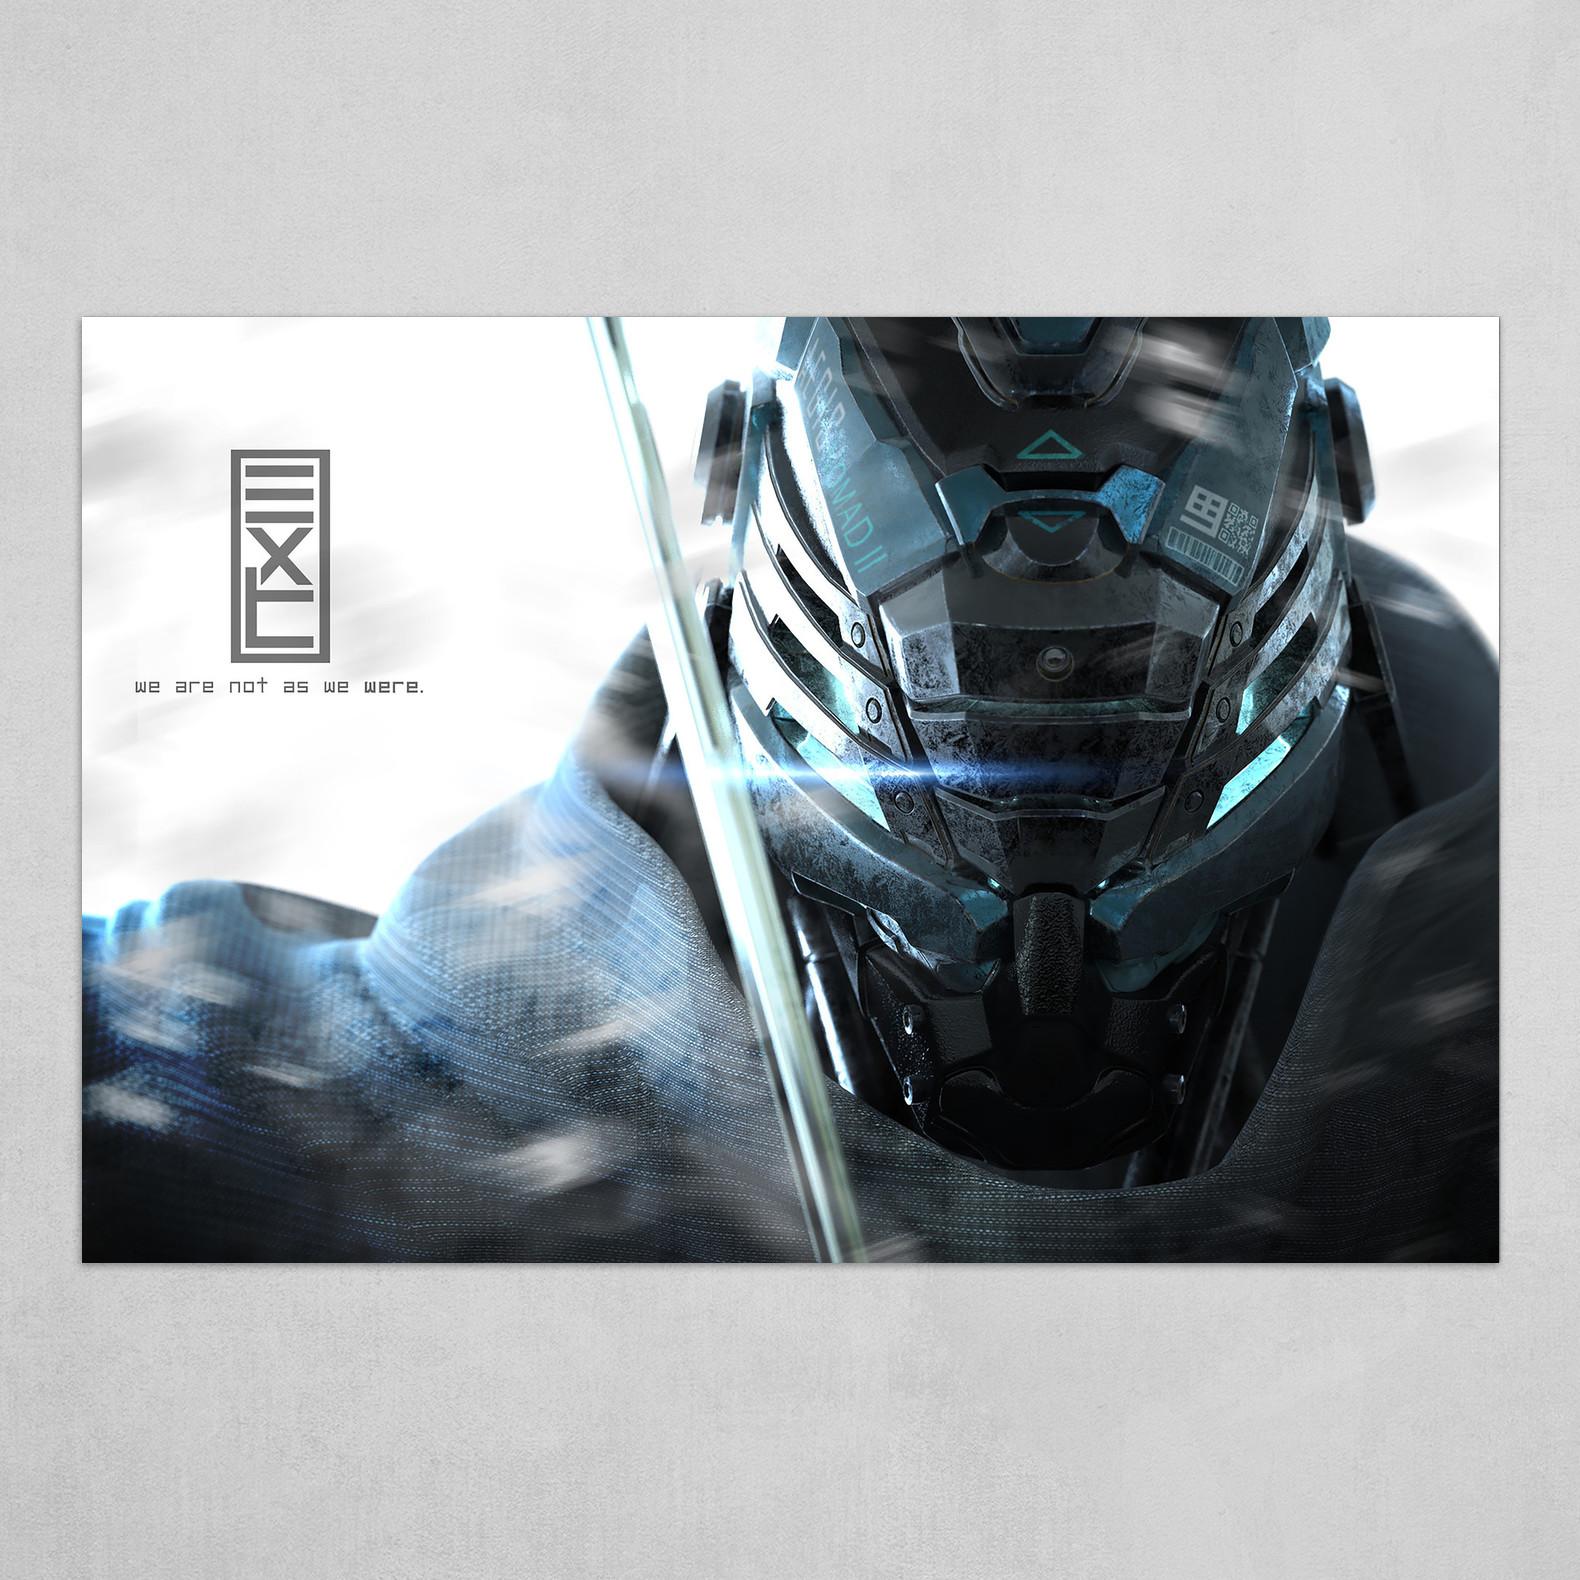 EXT (Aegis Closeup)